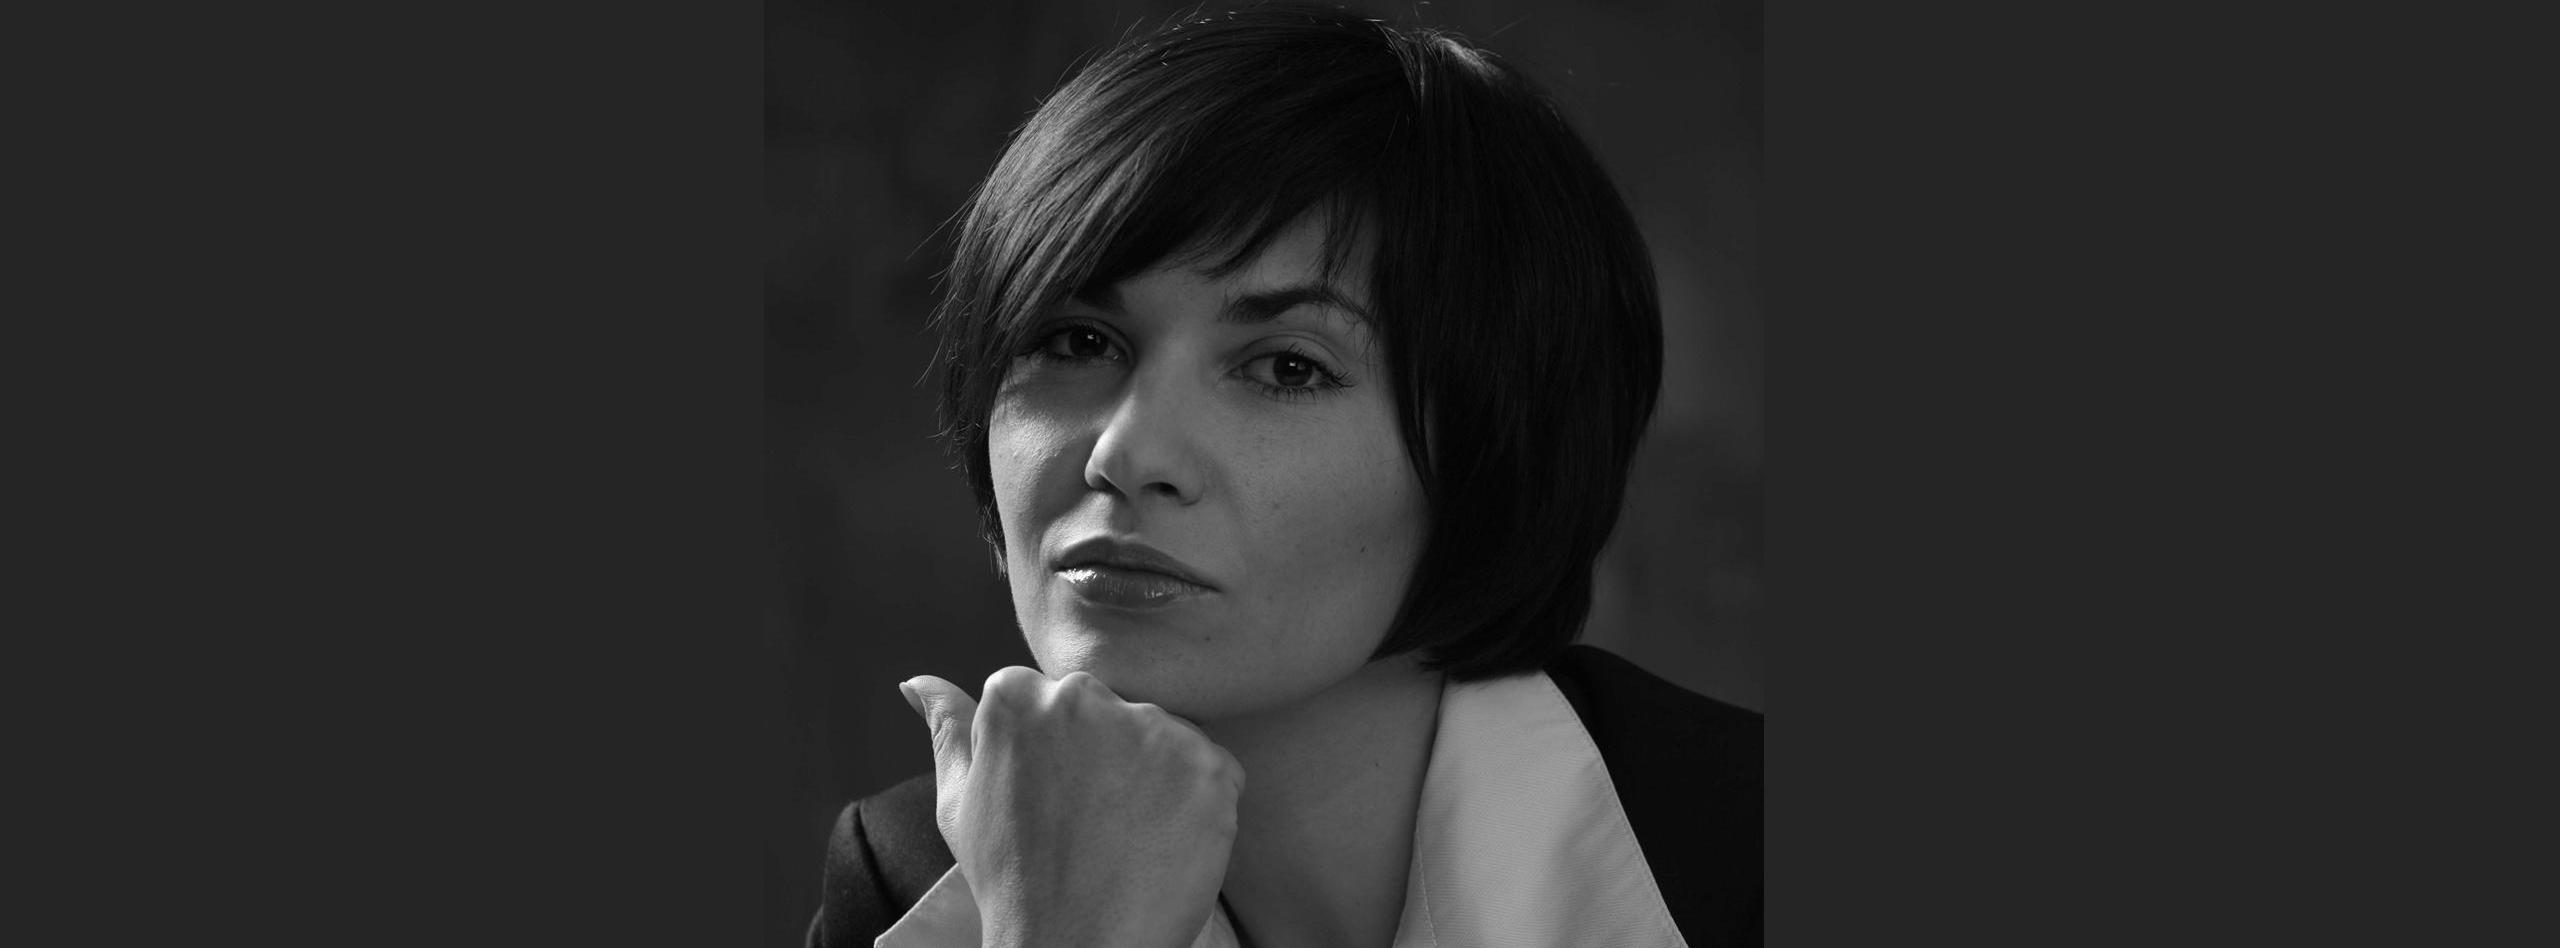 Анна Захараш